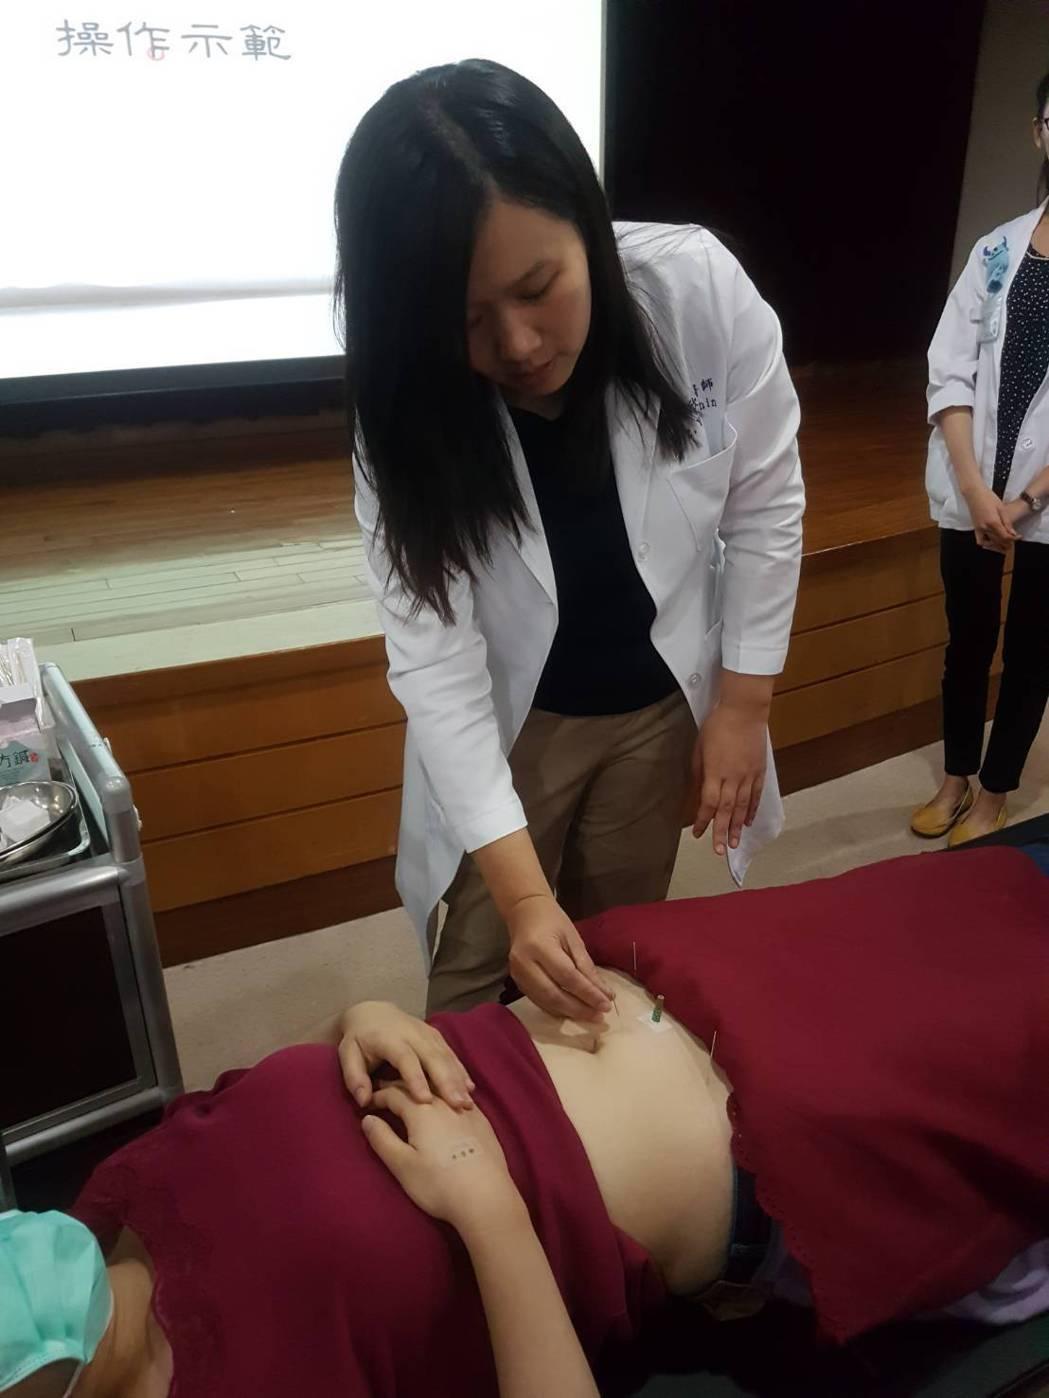 高醫中醫部婦兒科主任邢郁欣說,臨床發現中藥配合針刺、艾灸,對排卵障礙、卵巢功能不...